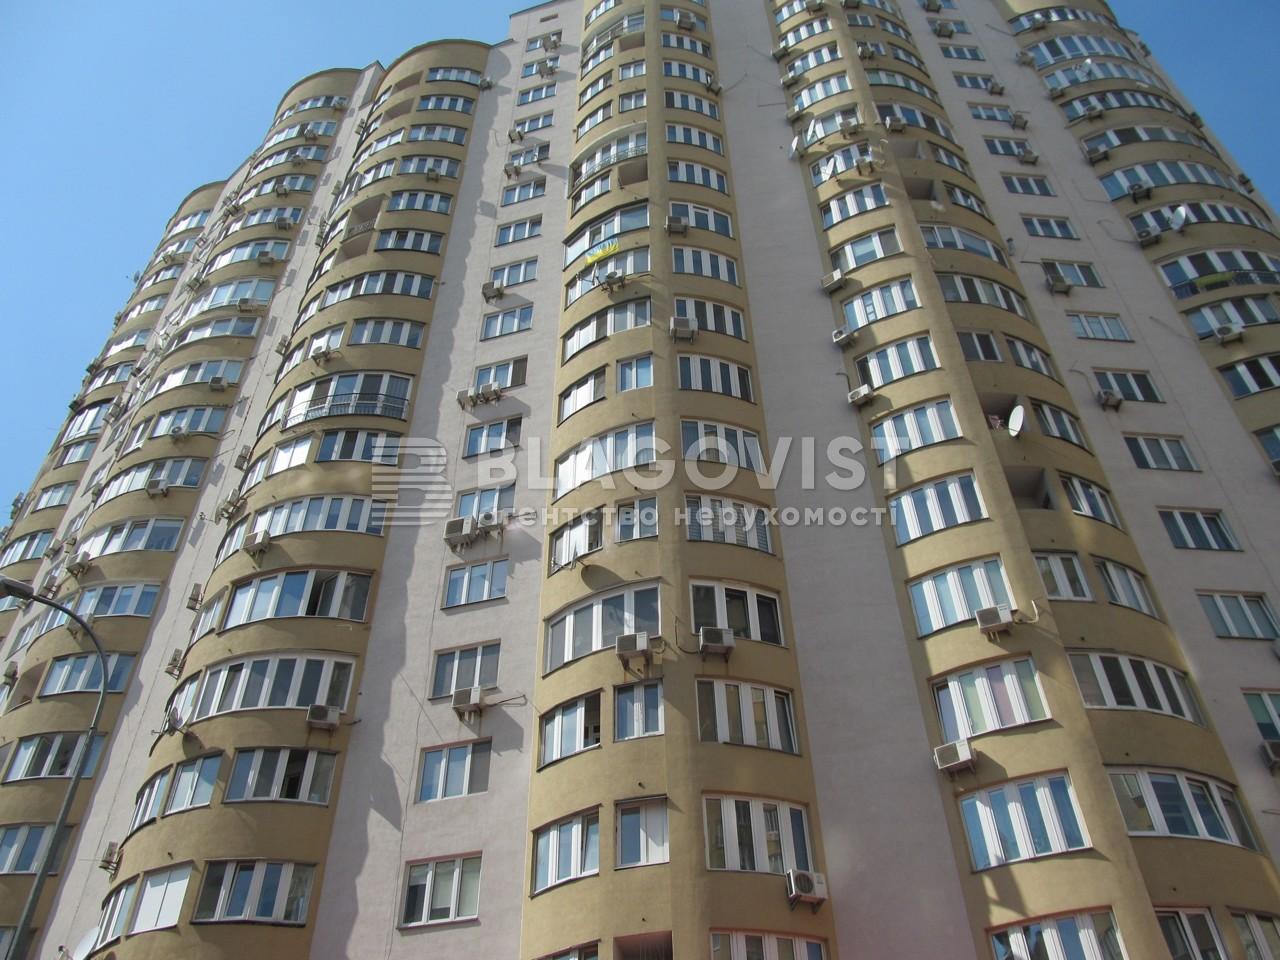 Квартира G-23069, Днепровская наб., 23, Киев - Фото 3